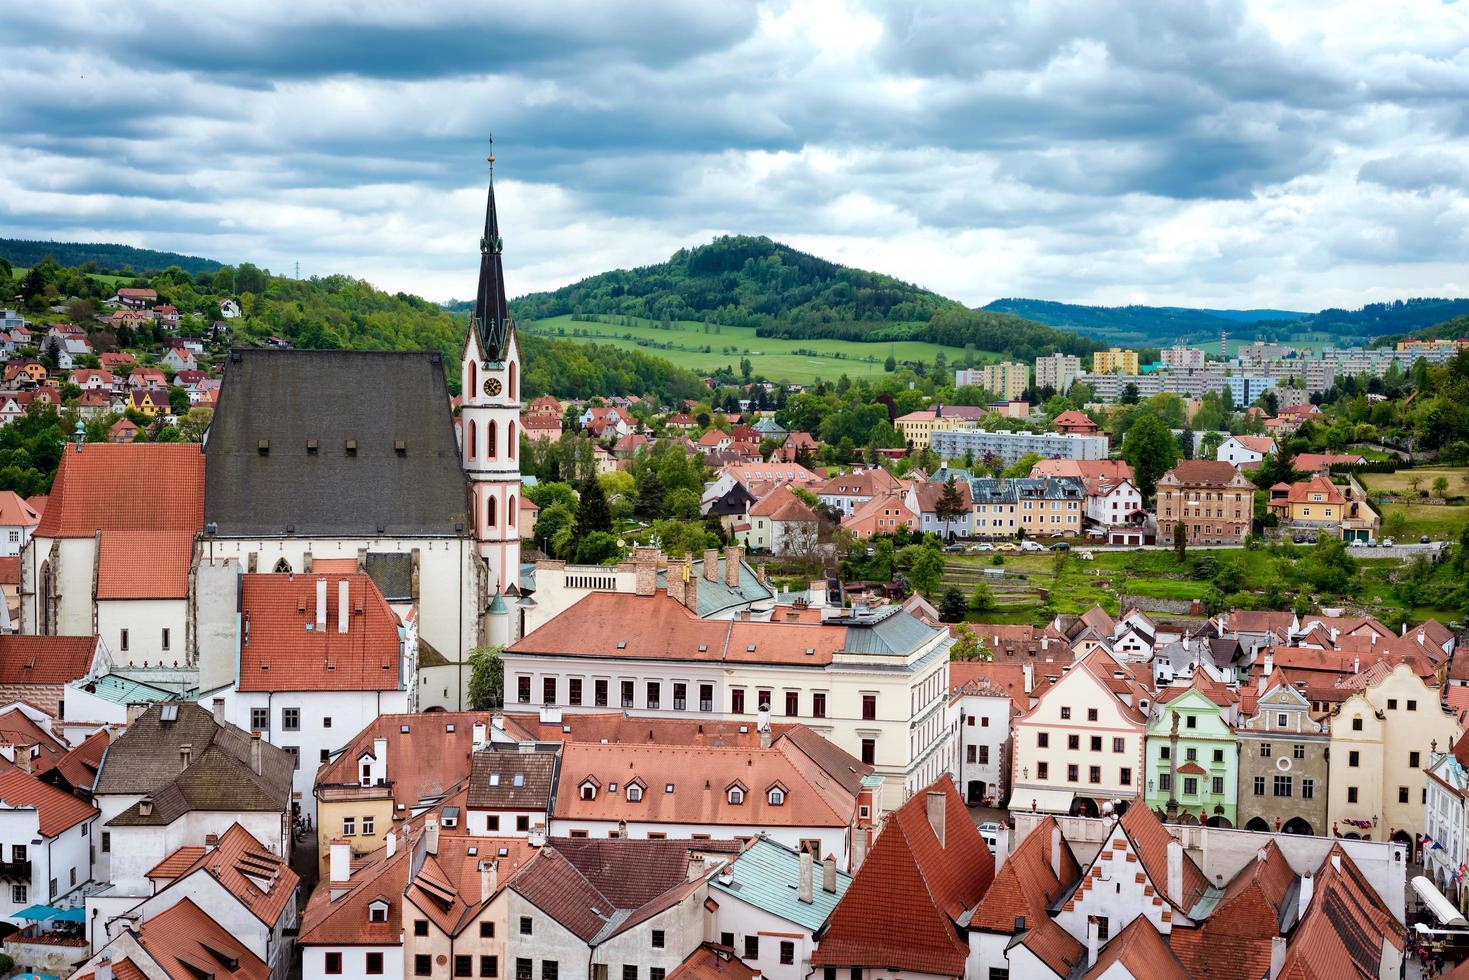 mit Blick auf die historische Stadt Cesky Krumlov in der Tschechischen Republik foto